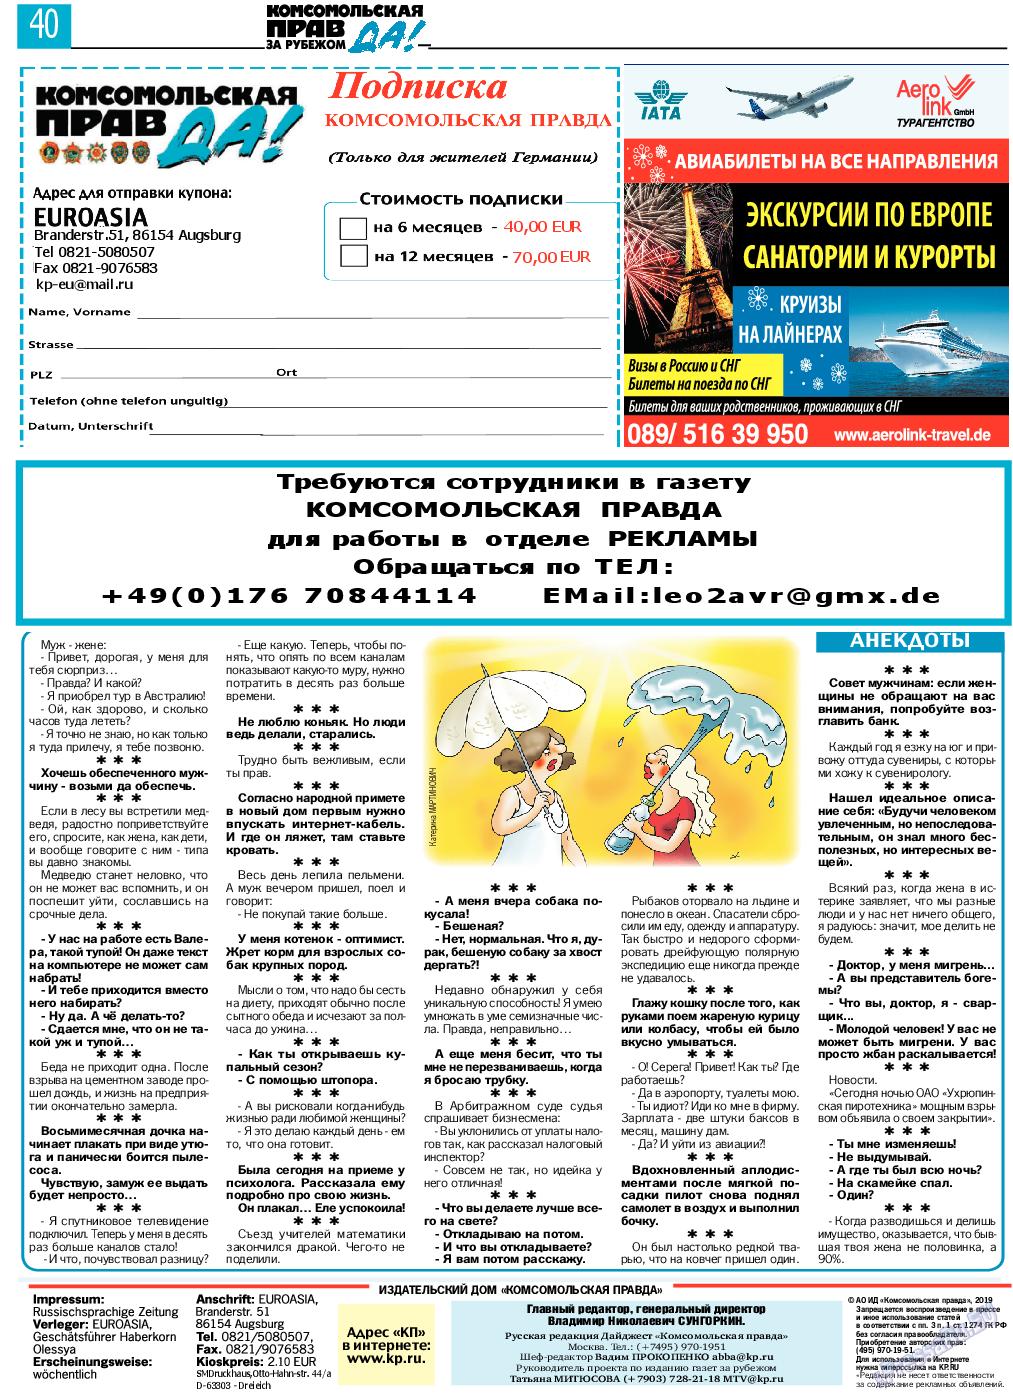 КП в Европе (газета). 2019 год, номер 31, стр. 40